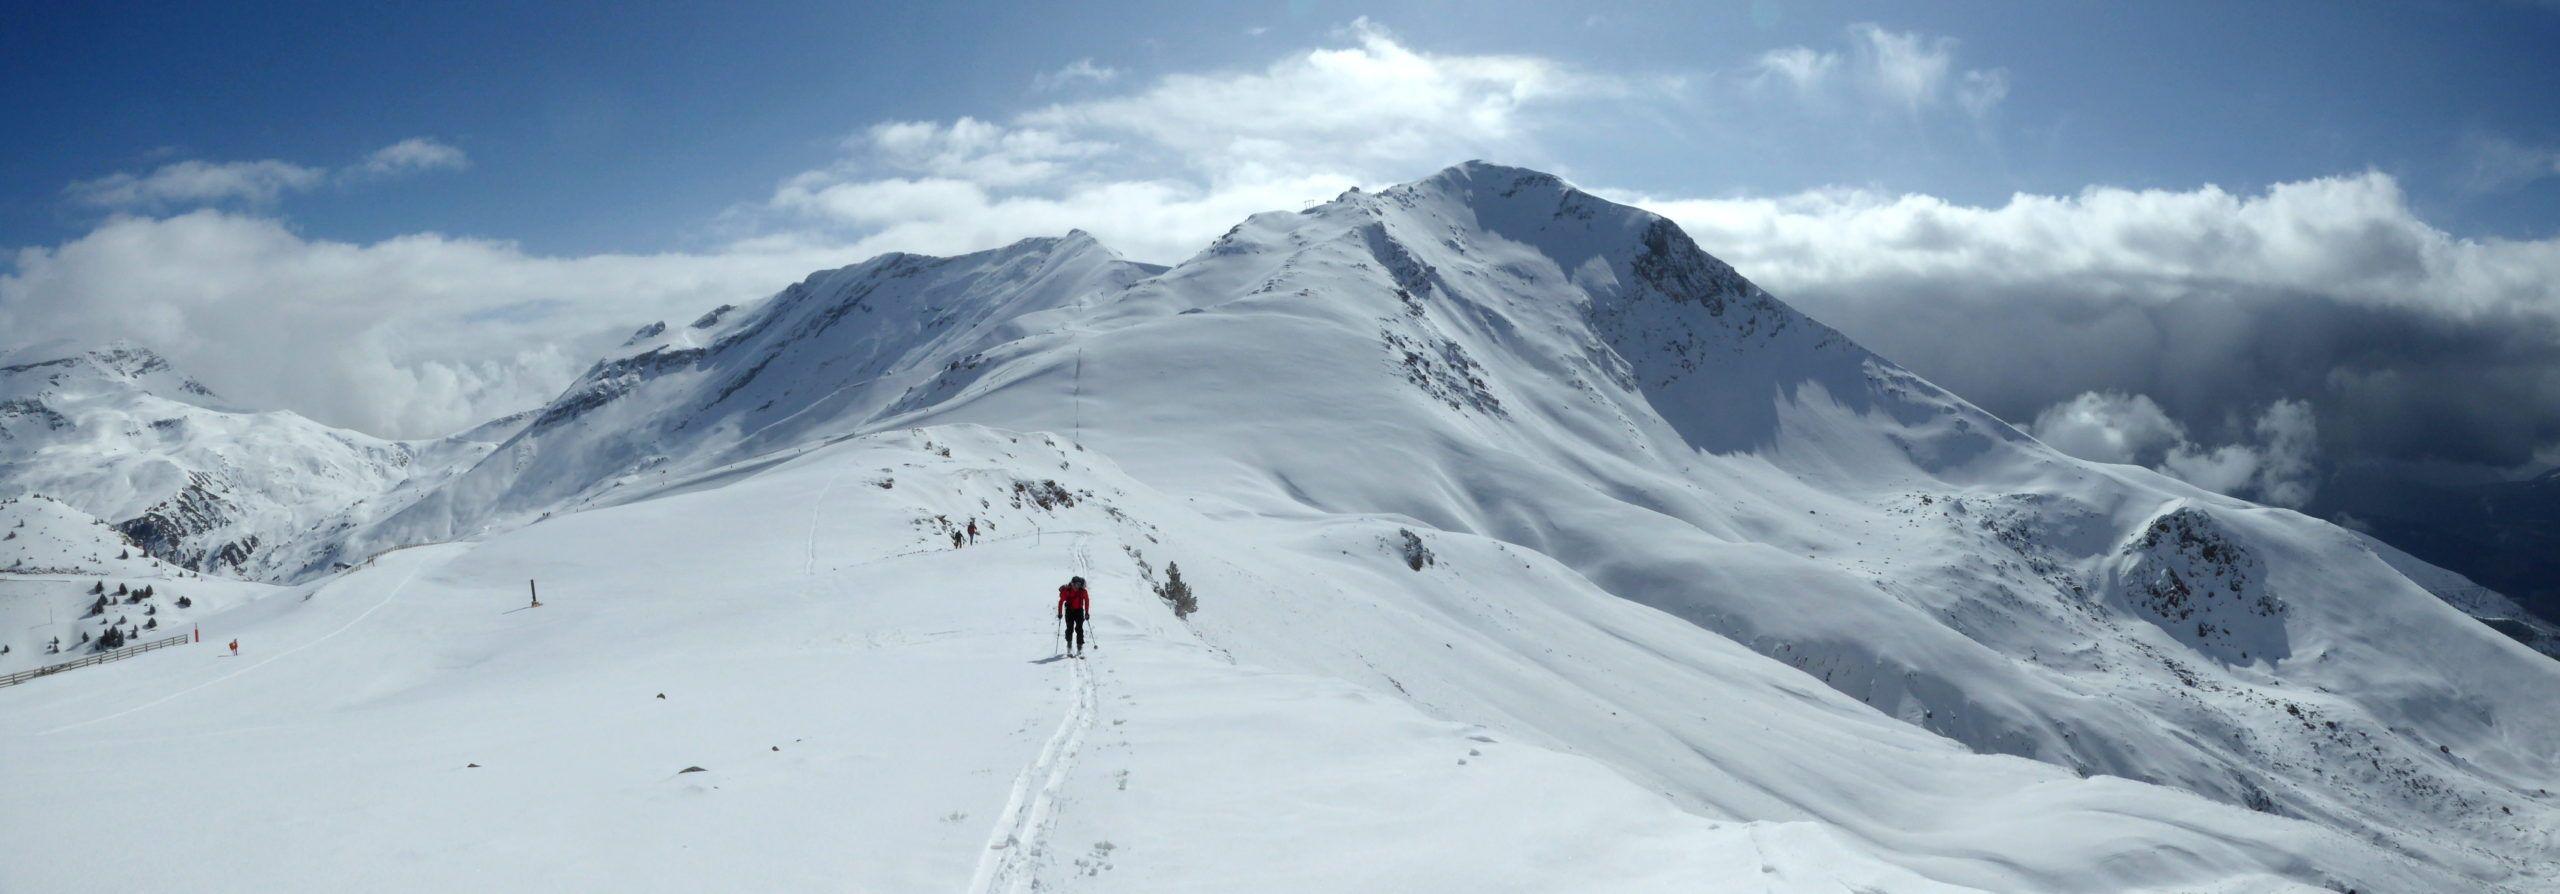 Disfrutando la última nevada de Cerler. Pico Cogulla